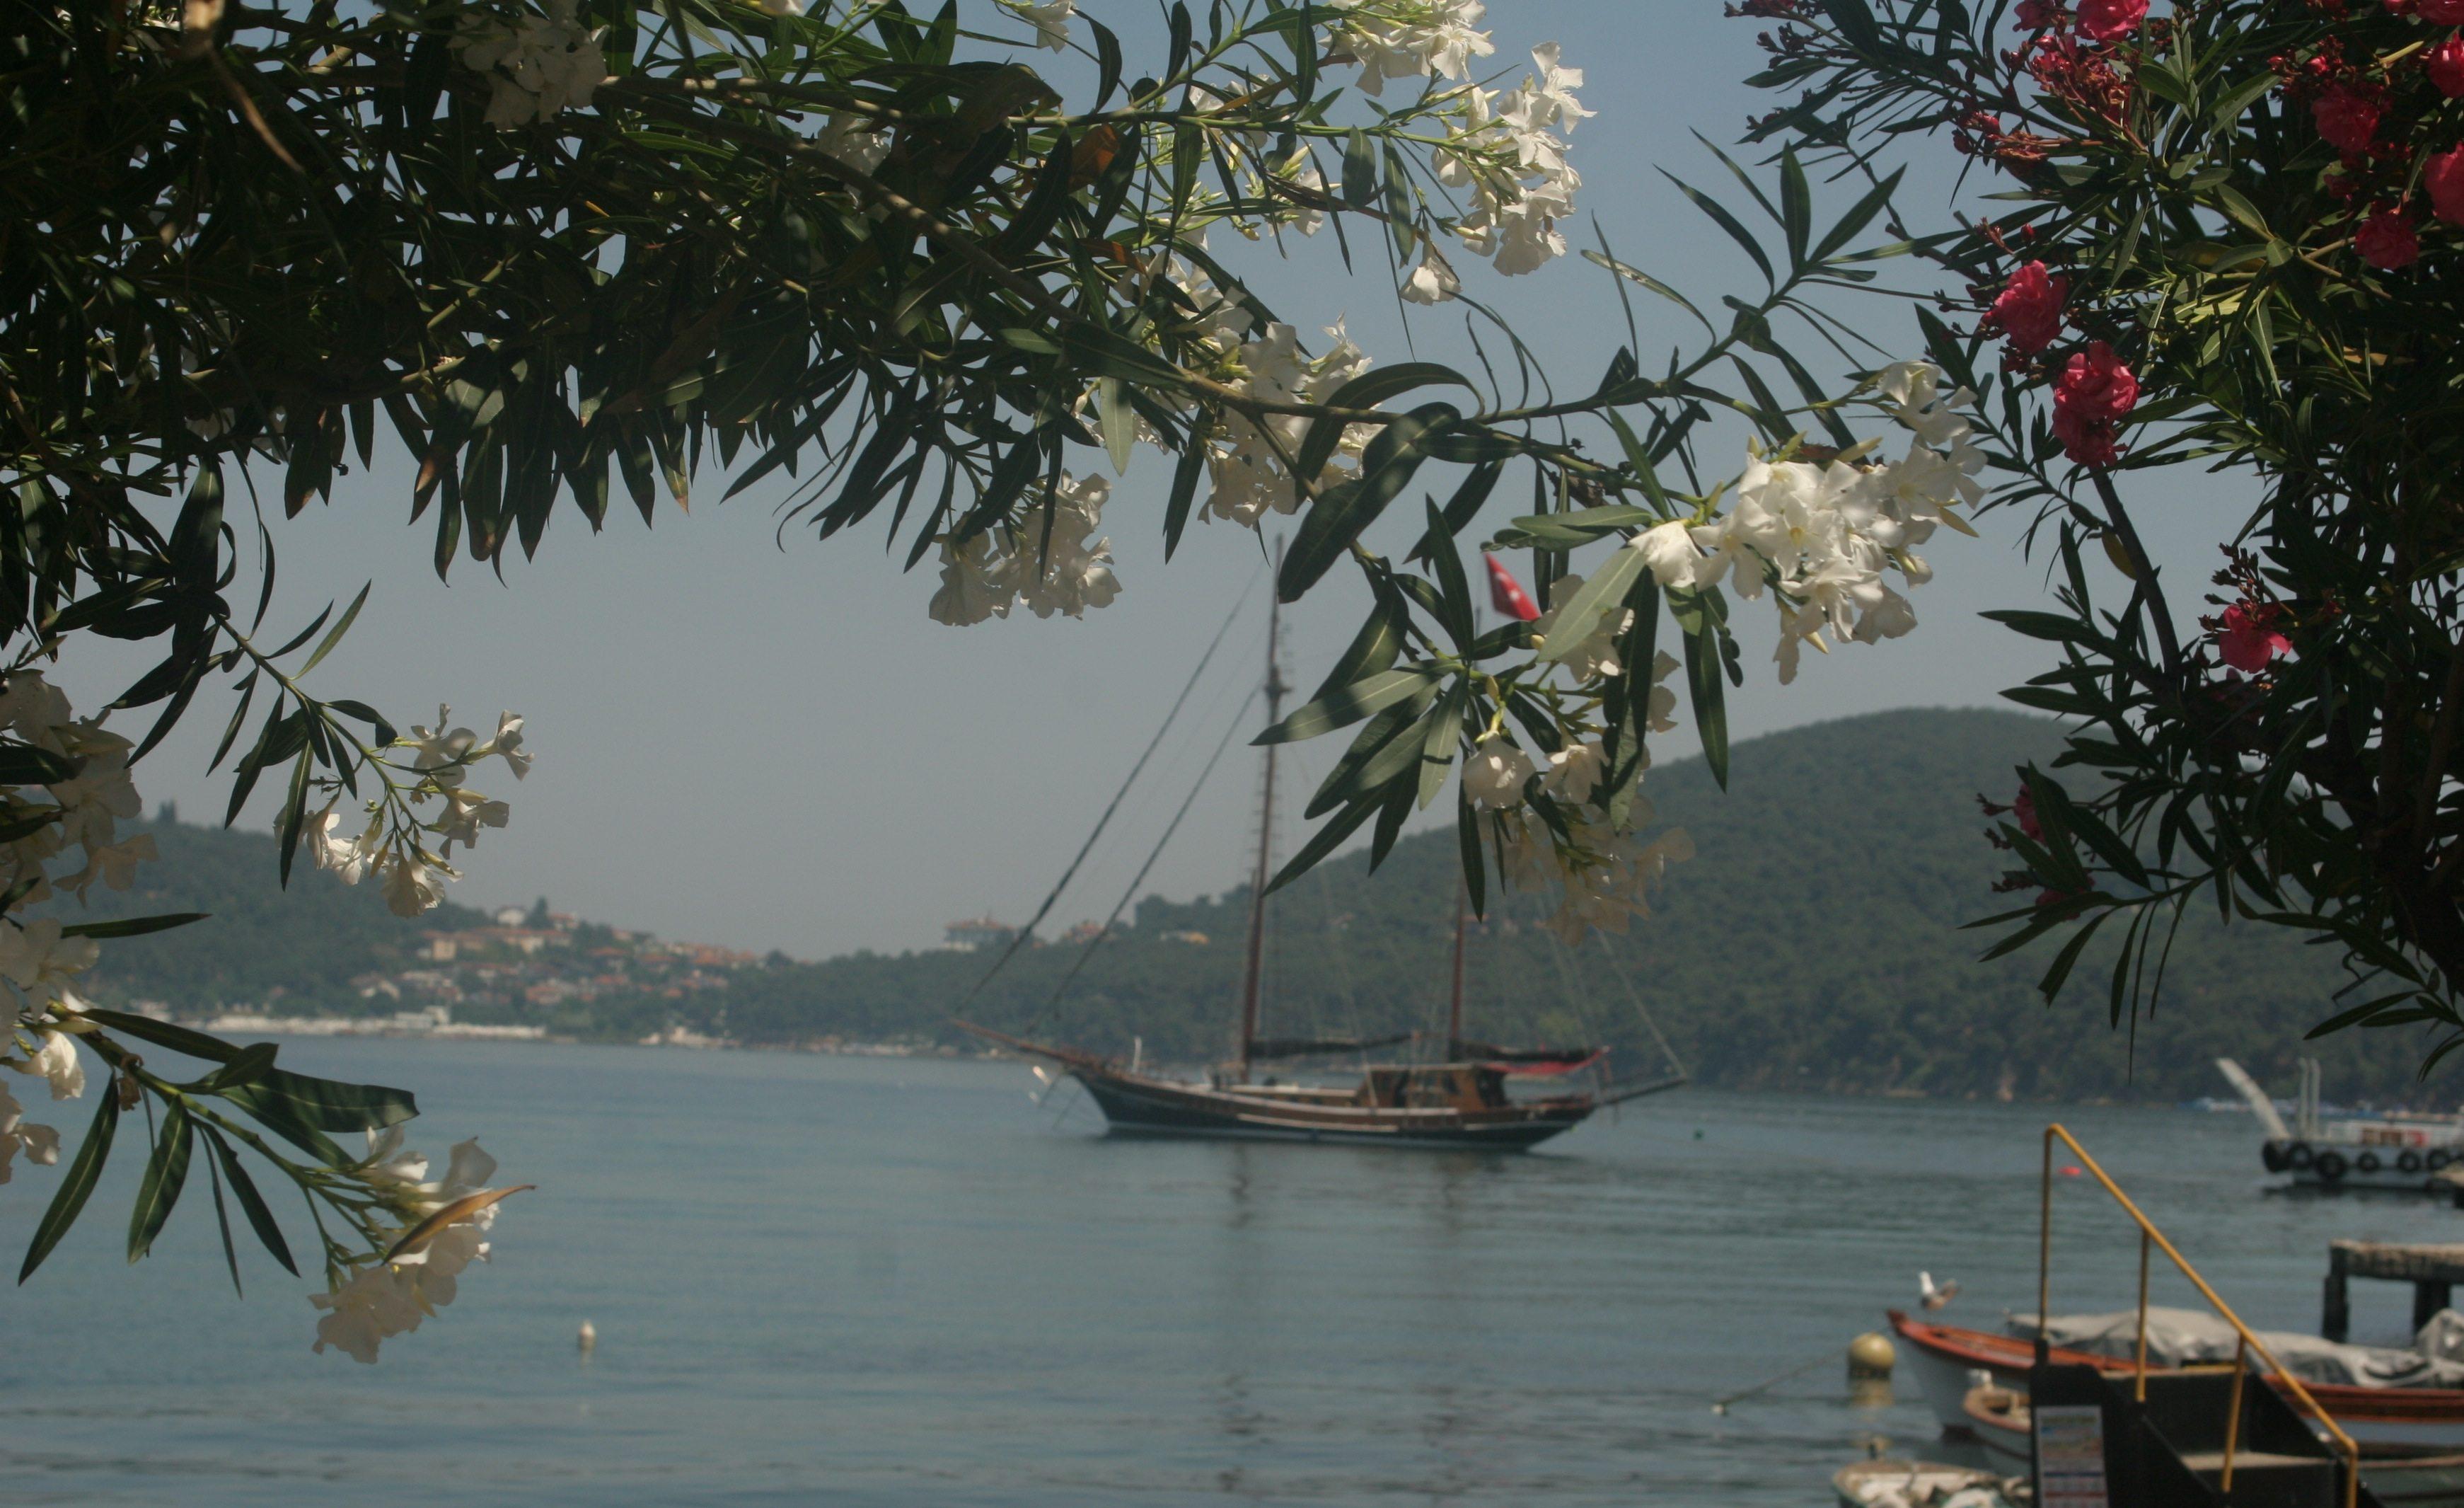 Vapurdan indikten sonra bir cafede oturup çektiğim karelerden biriydi. Önce tekneyi denizle çekmeyi denedim. Sonra bu çiçekleri bulup, teknenin etrafına estetik veren bir çerçeve yaratmayı tercih ettim. Çiçekler ve tekne konulu bir kompozisyon oluştu…